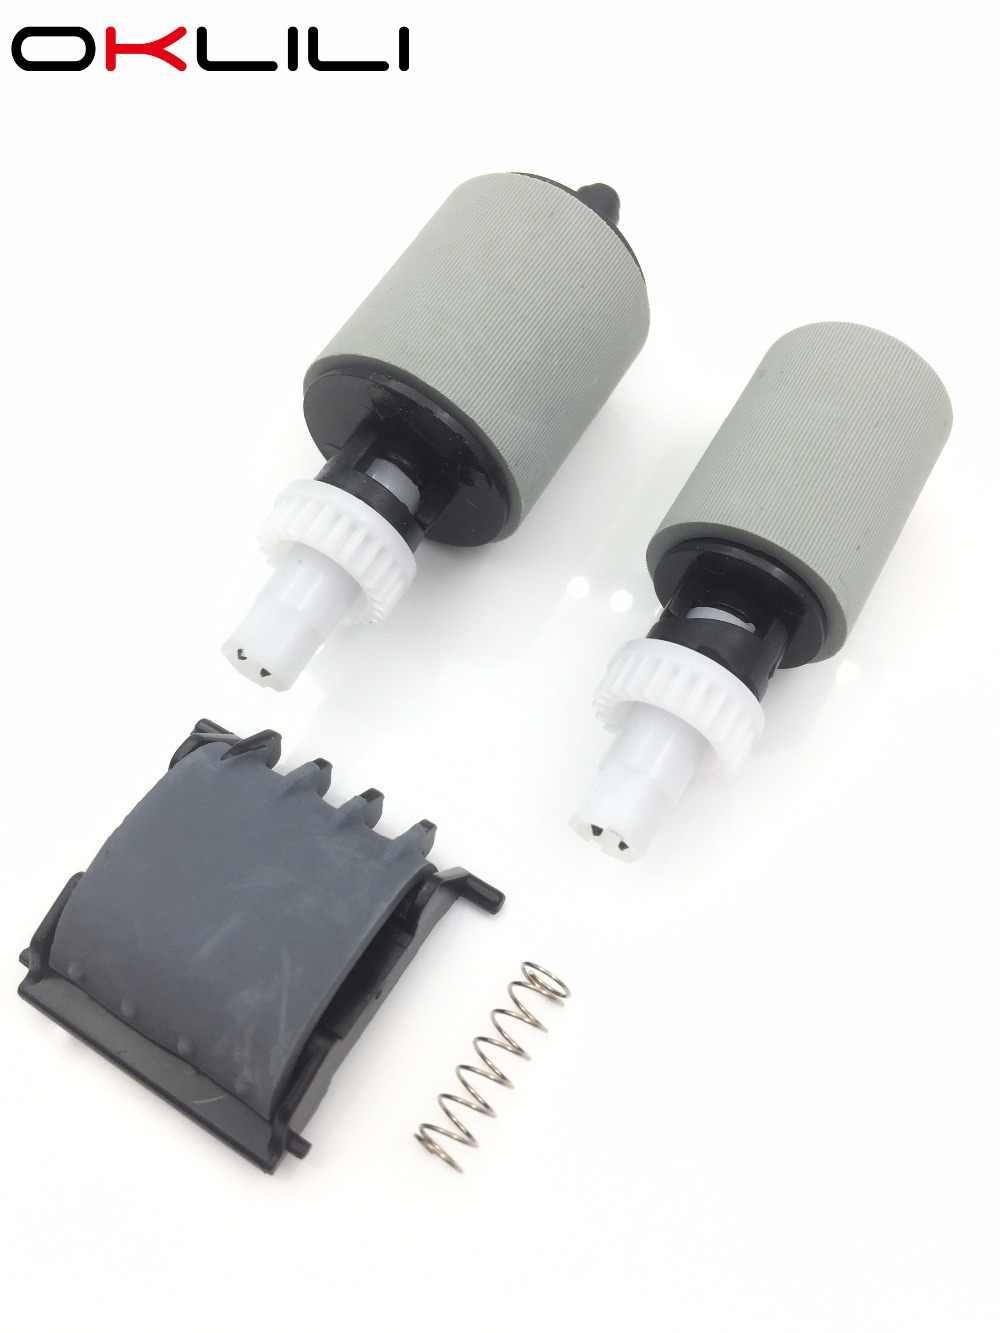 CF288-60016 CF288-60015 A8P79-65001 ADF Pakan Pickup Roller Pemisahan Pad Kit untuk HP Pro 400 M401 M425 M525 M521 M476 M570 M521